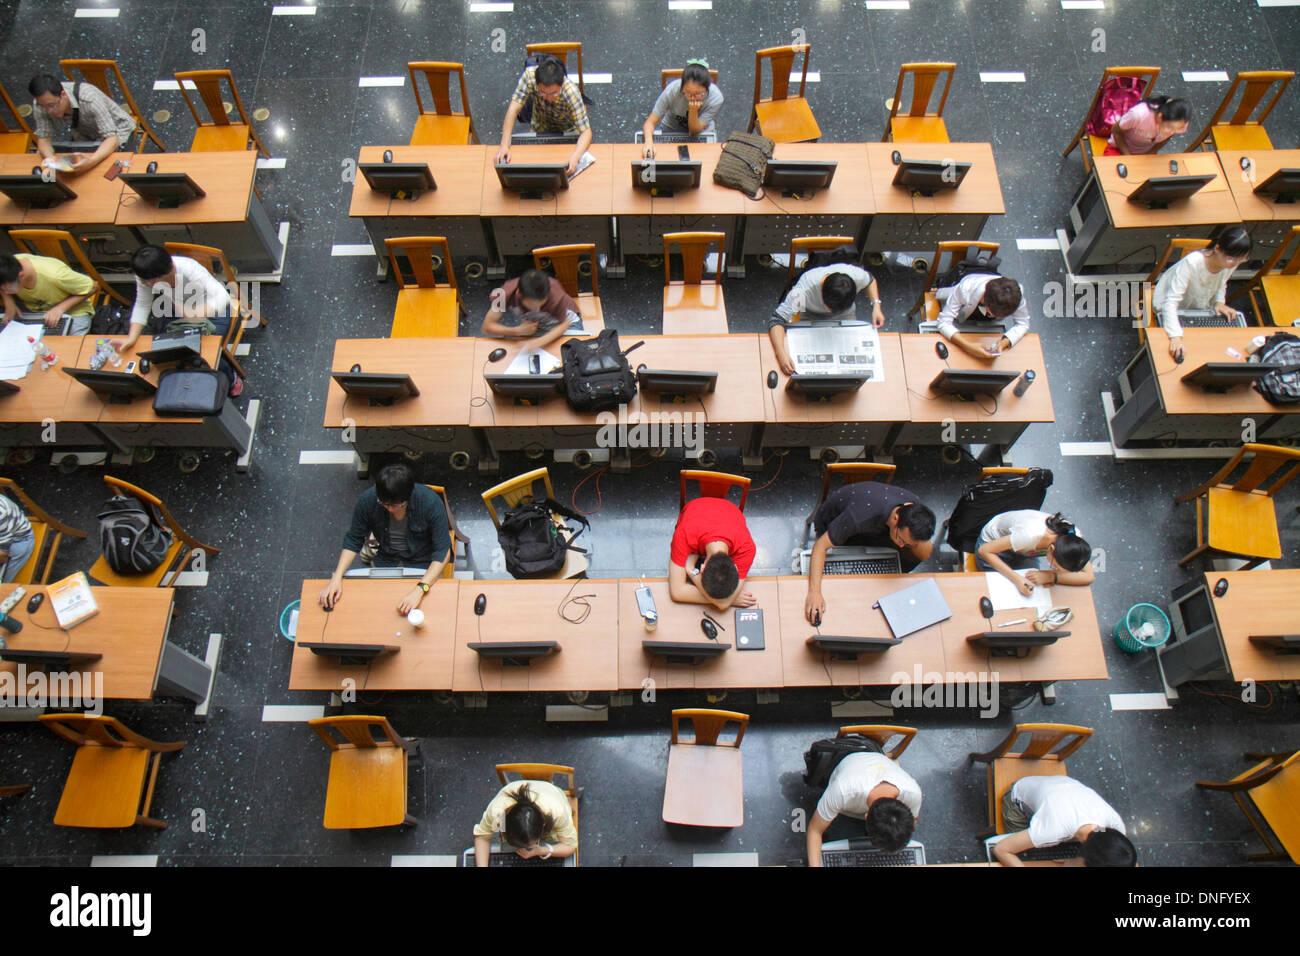 Chine Beijing Haidian District Beijing University PKU Beidà bibliothèque campus Enseignement supérieur en salle d'étude des moniteurs d'ordinateur à Internet Photo Stock